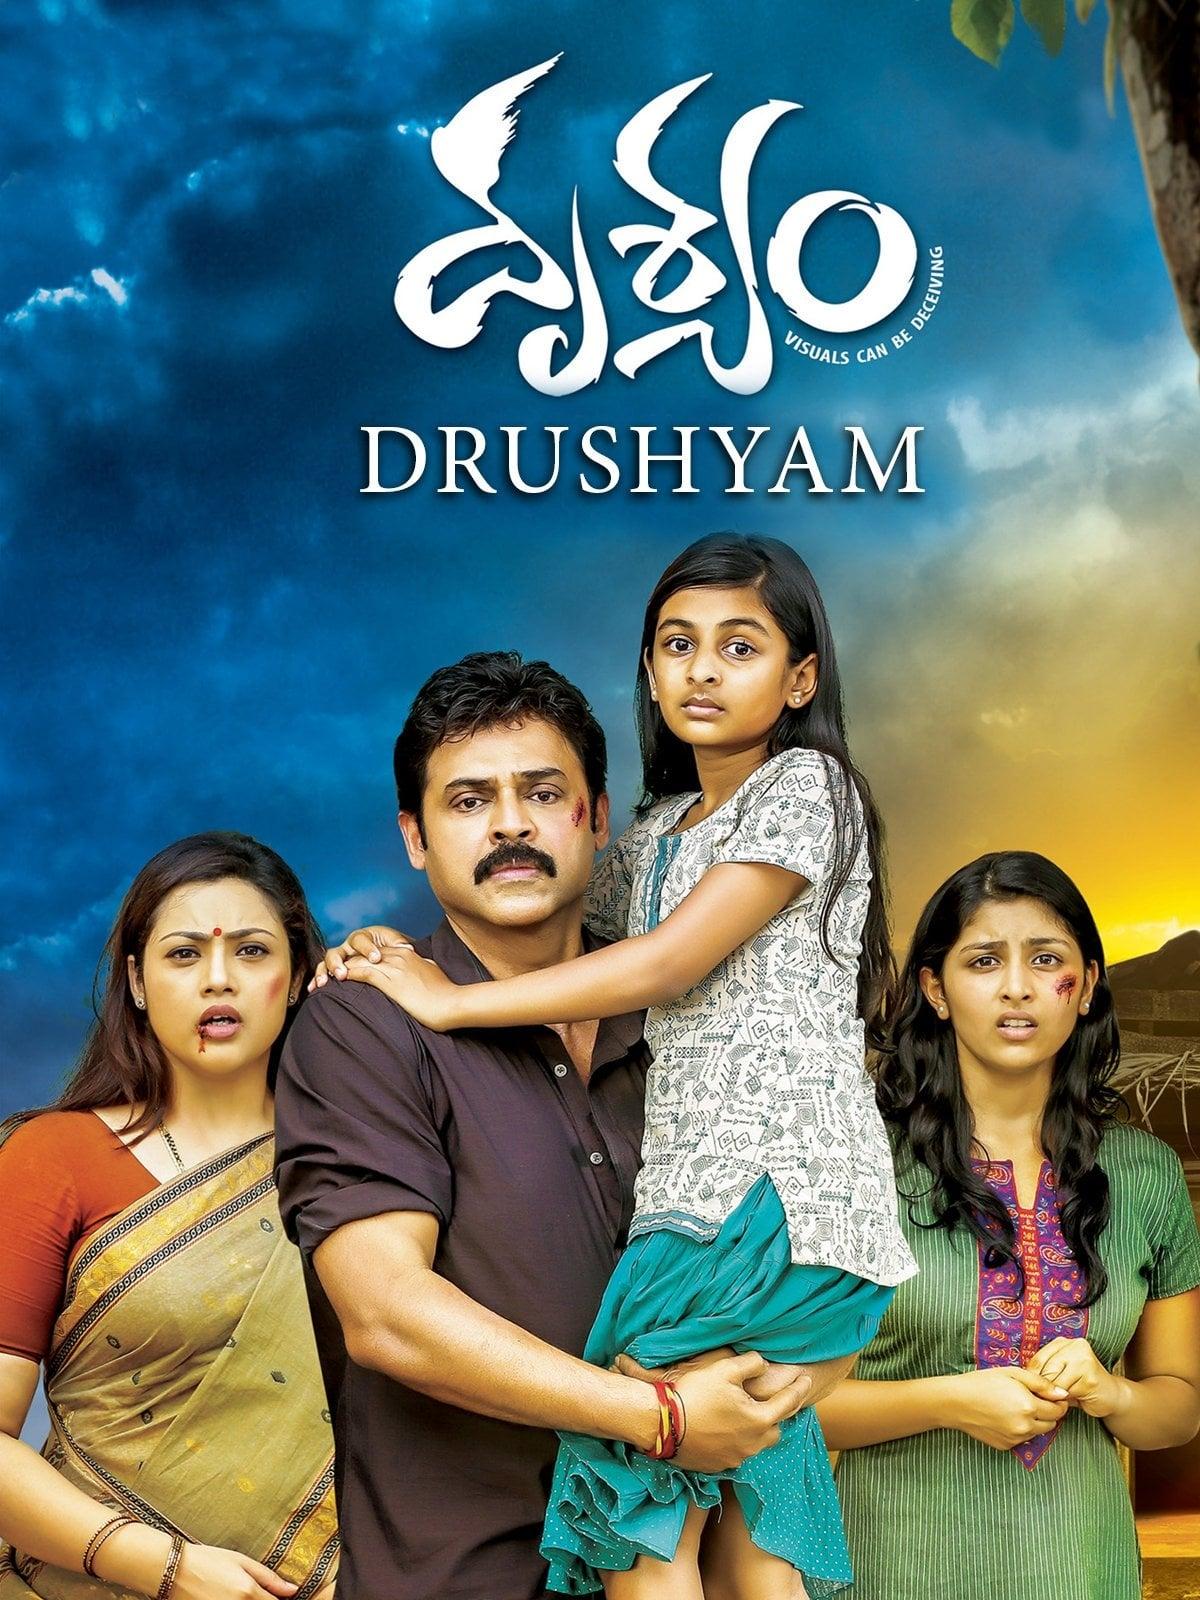 Drushyam